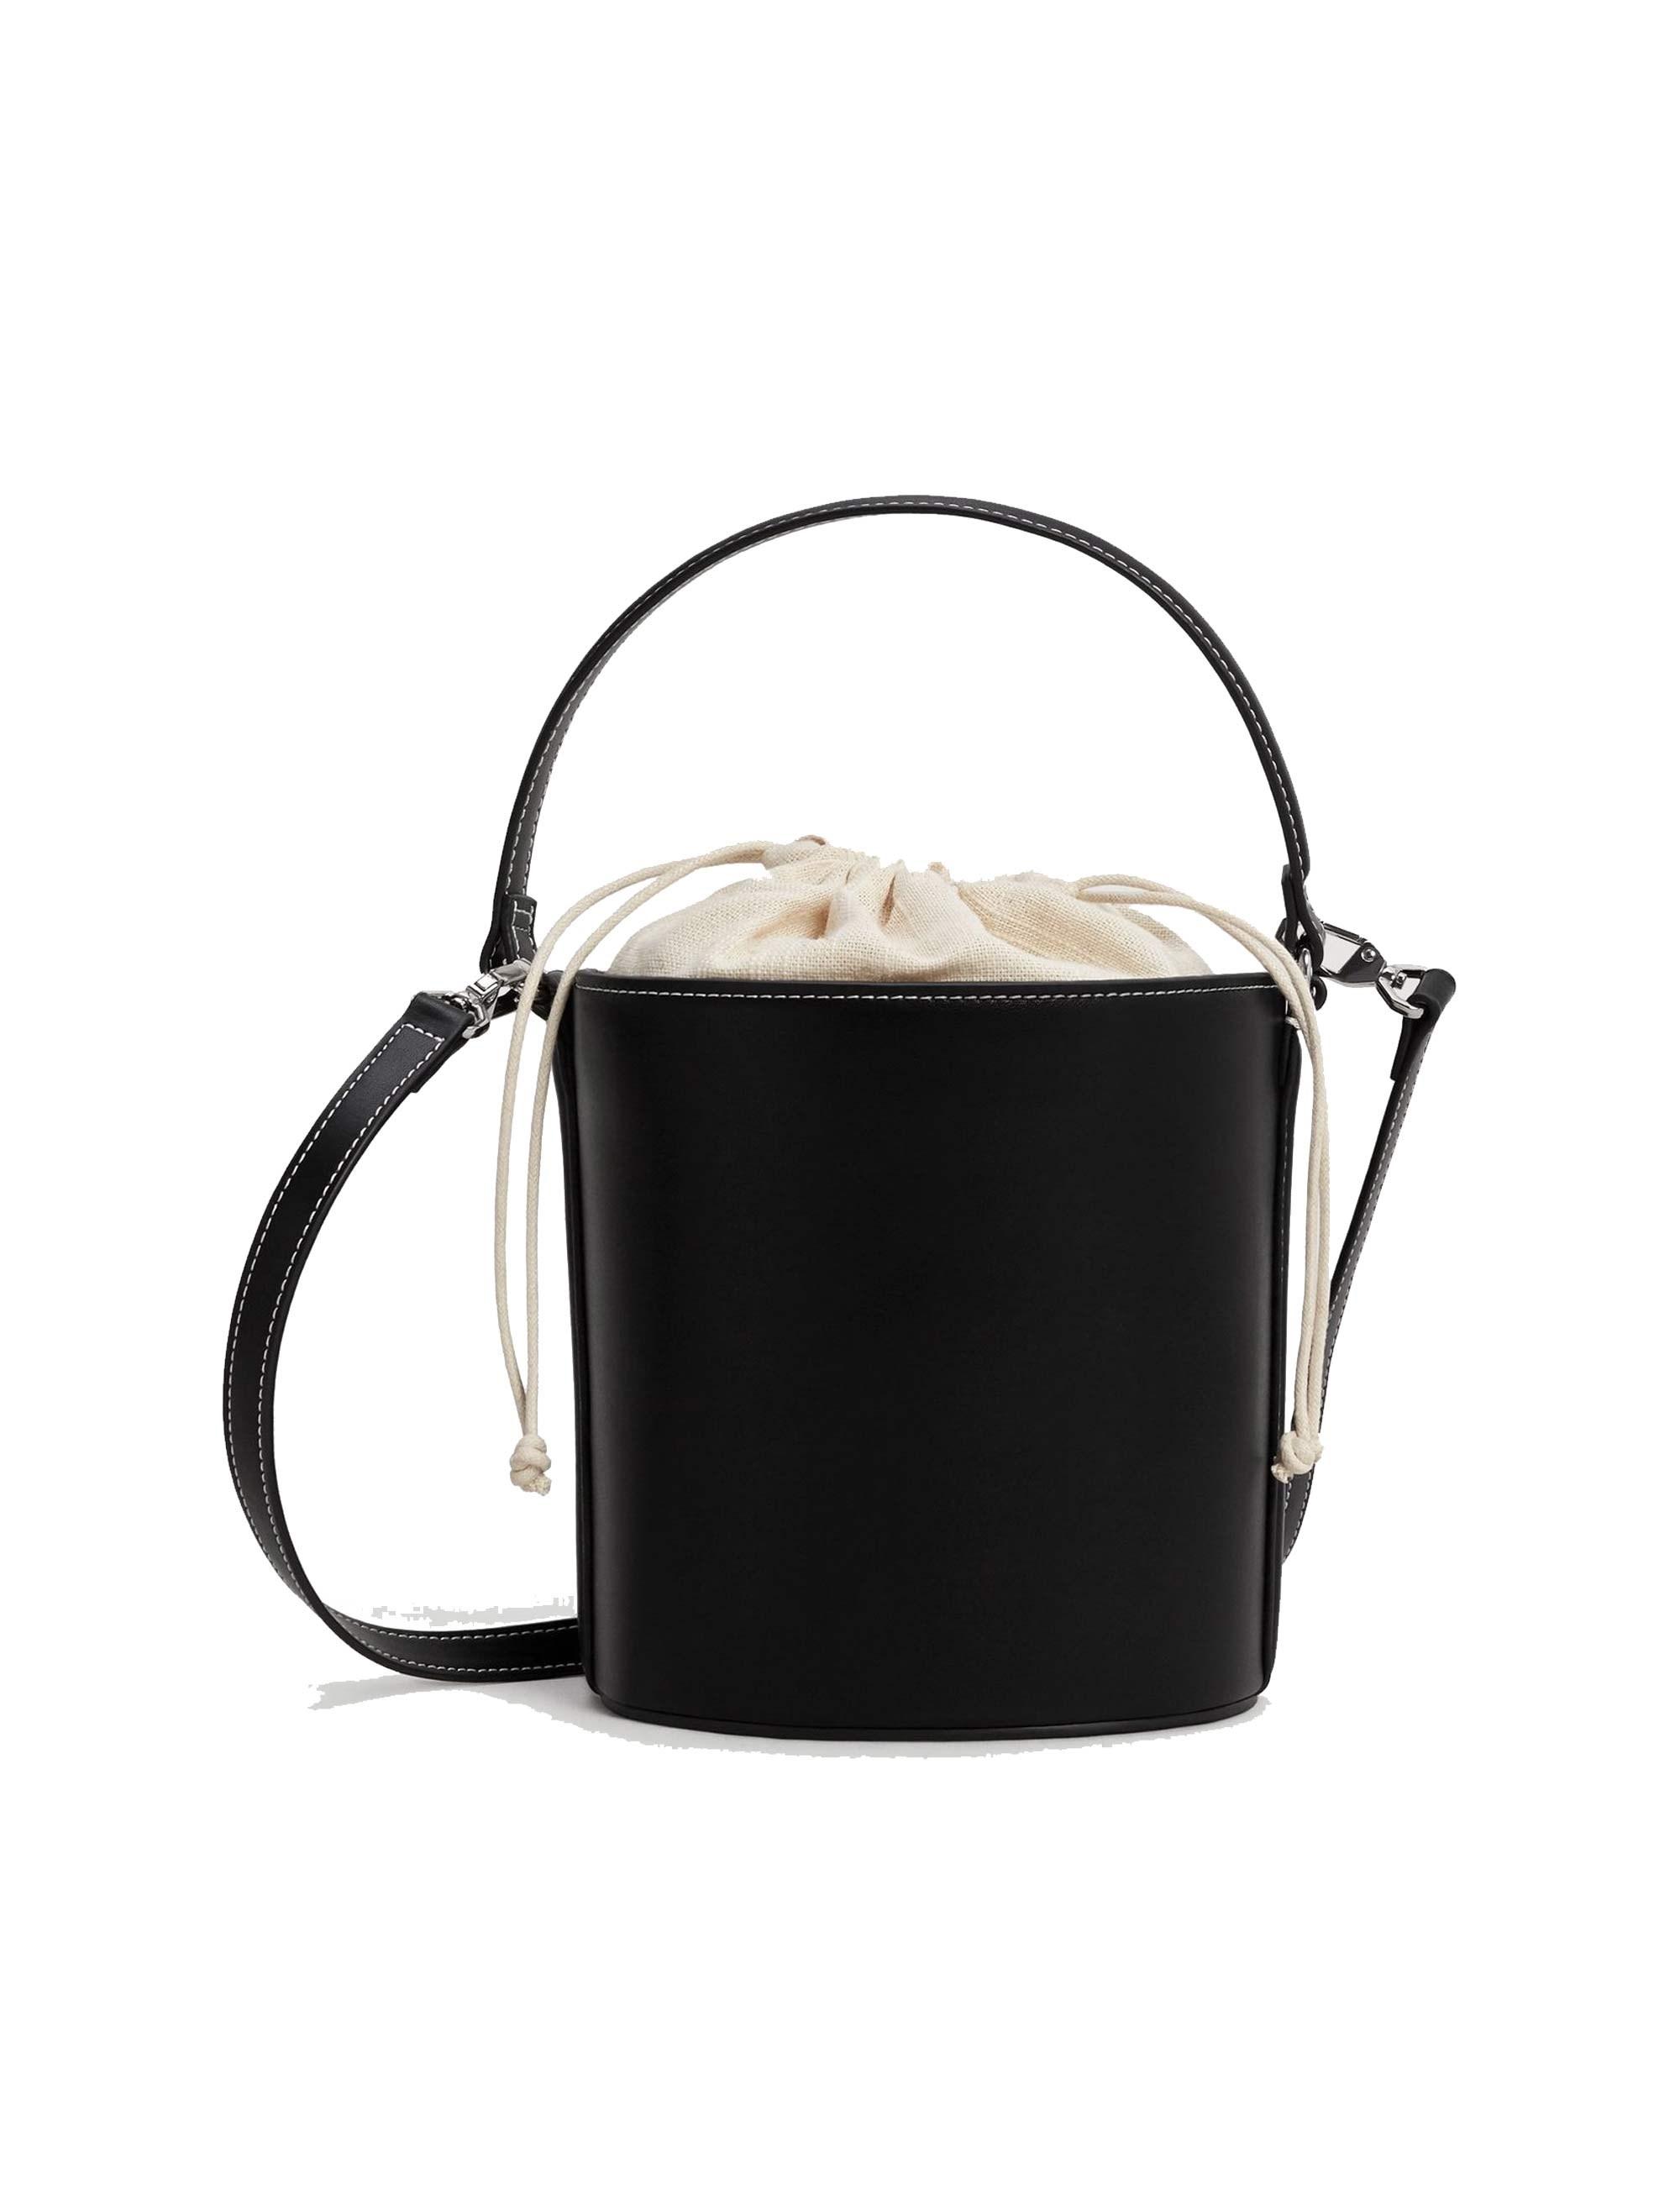 قیمت کیف دستی روزمره زنانه - مانگو